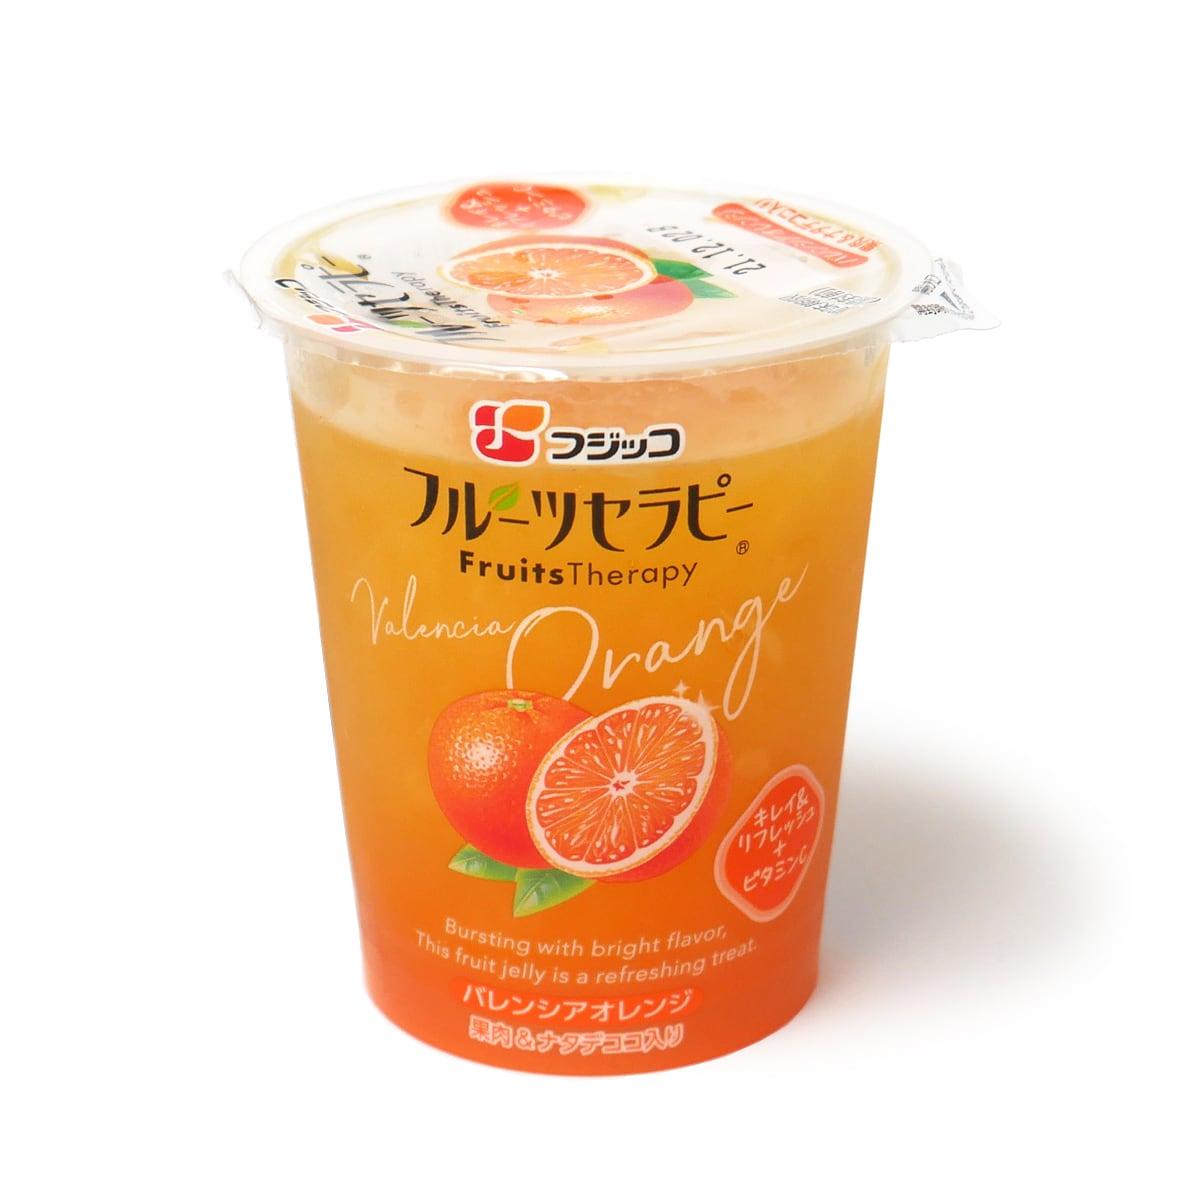 フジッコ フルーツセラピー バレンシアオレンジ 1個